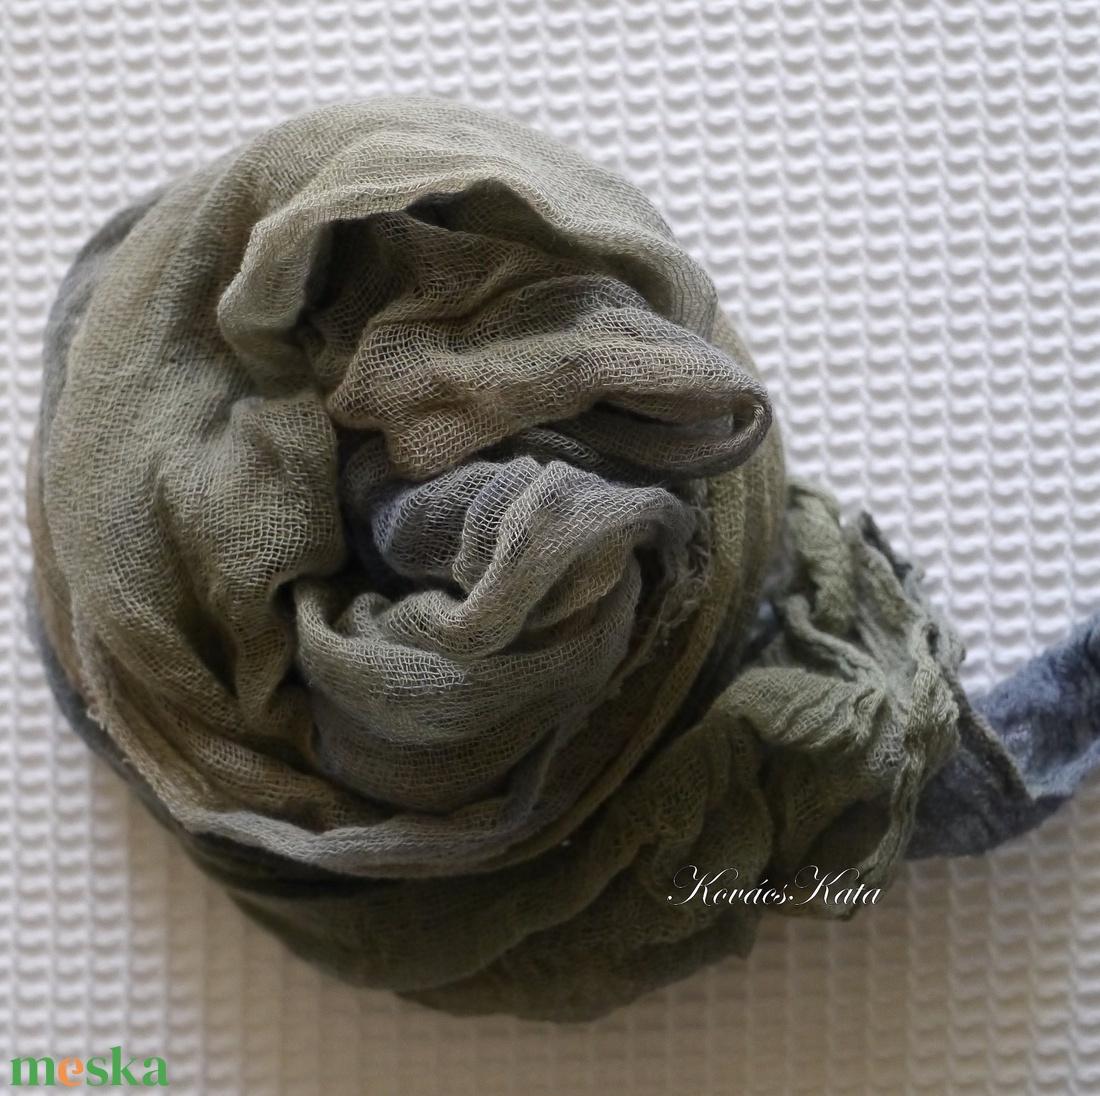 MULL-KENDŐ / kekizöld- tinta - batikolt géz sál - ruha & divat - sál, sapka, kendő - sál - Meska.hu